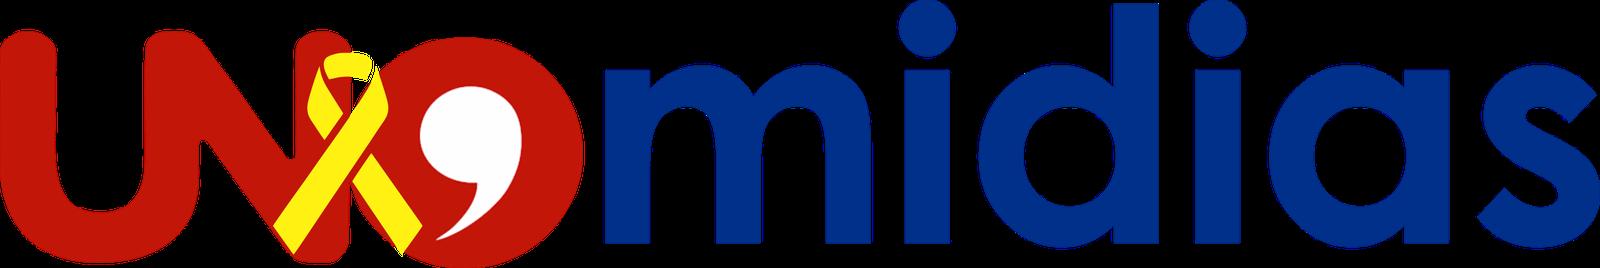 Portal Uno Midias